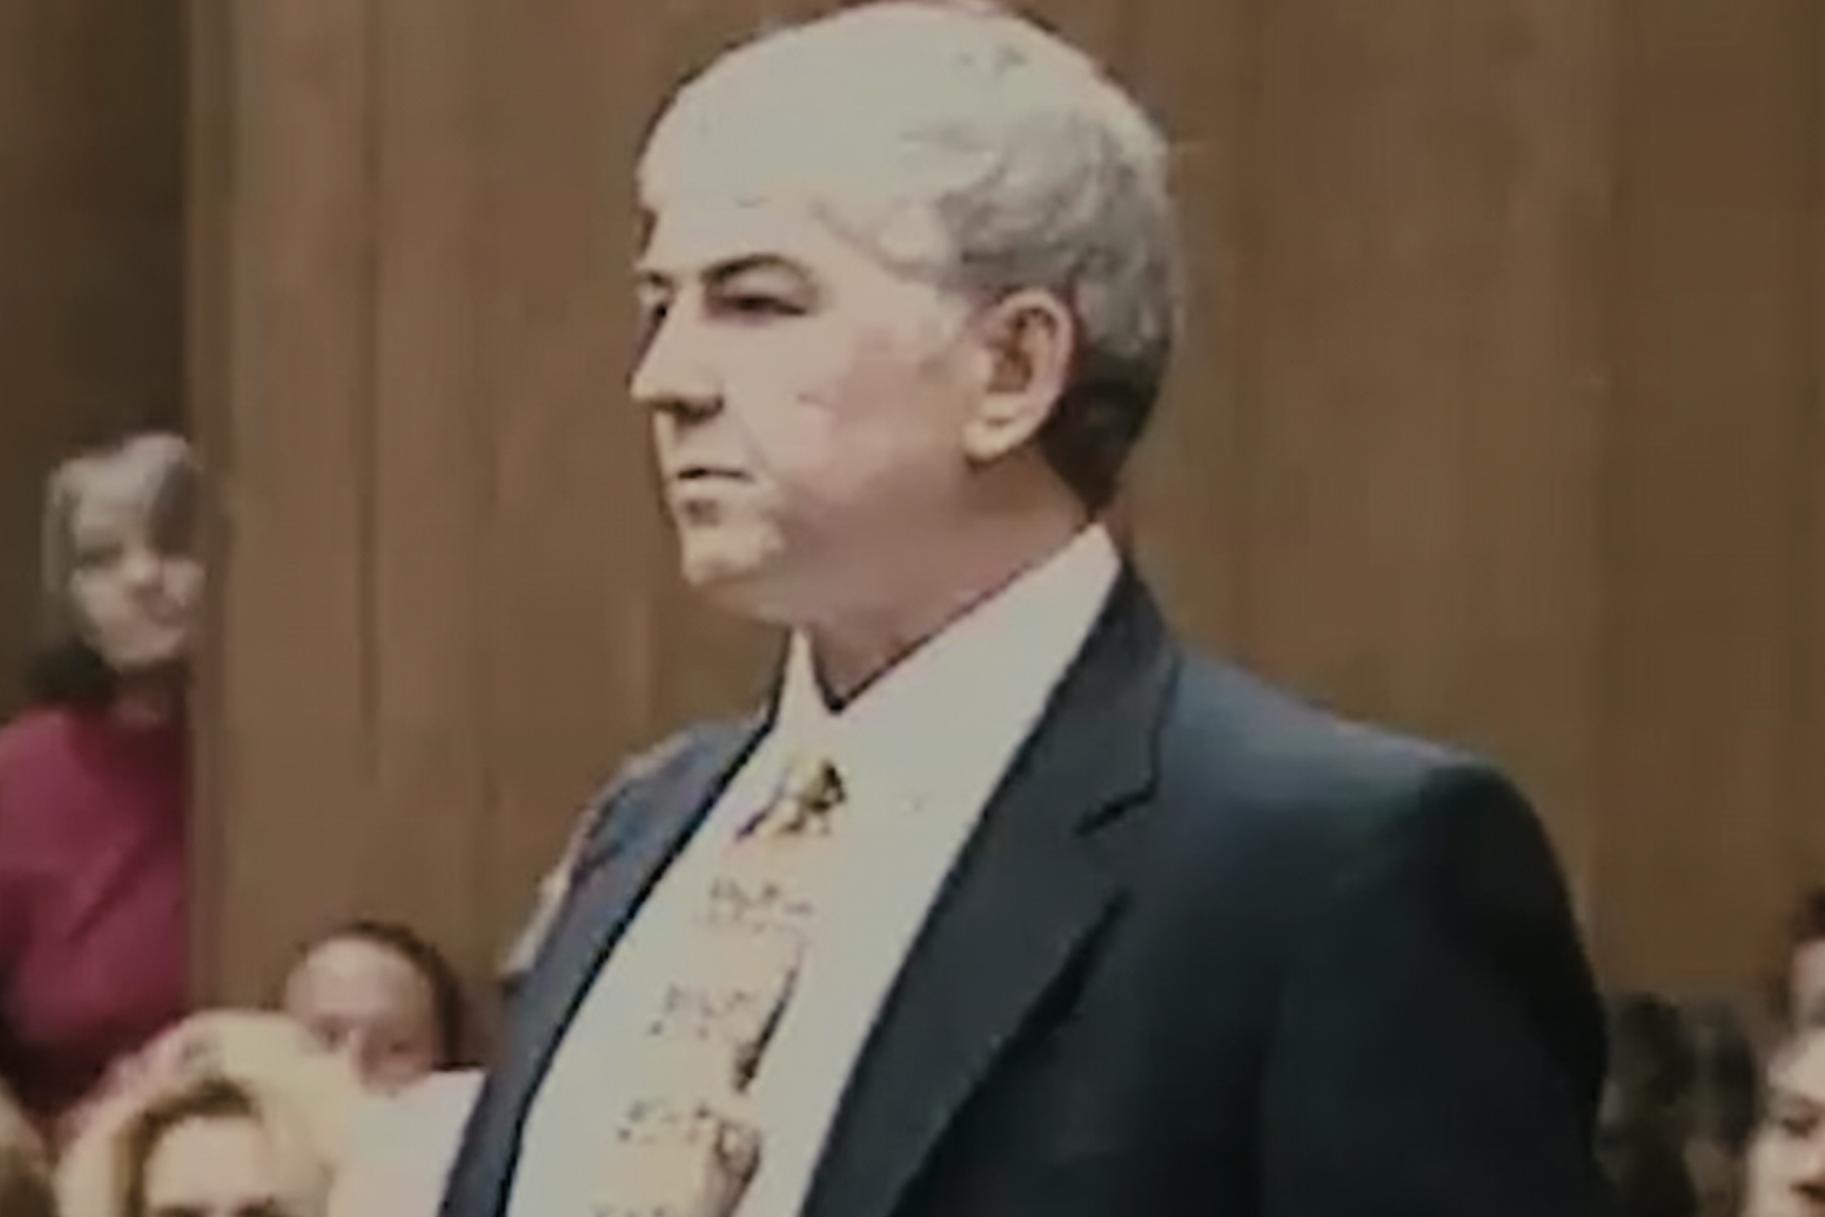 ¿Cómo pasó Ron Williamson de ser un jugador de béisbol a ser un asesino acusado?